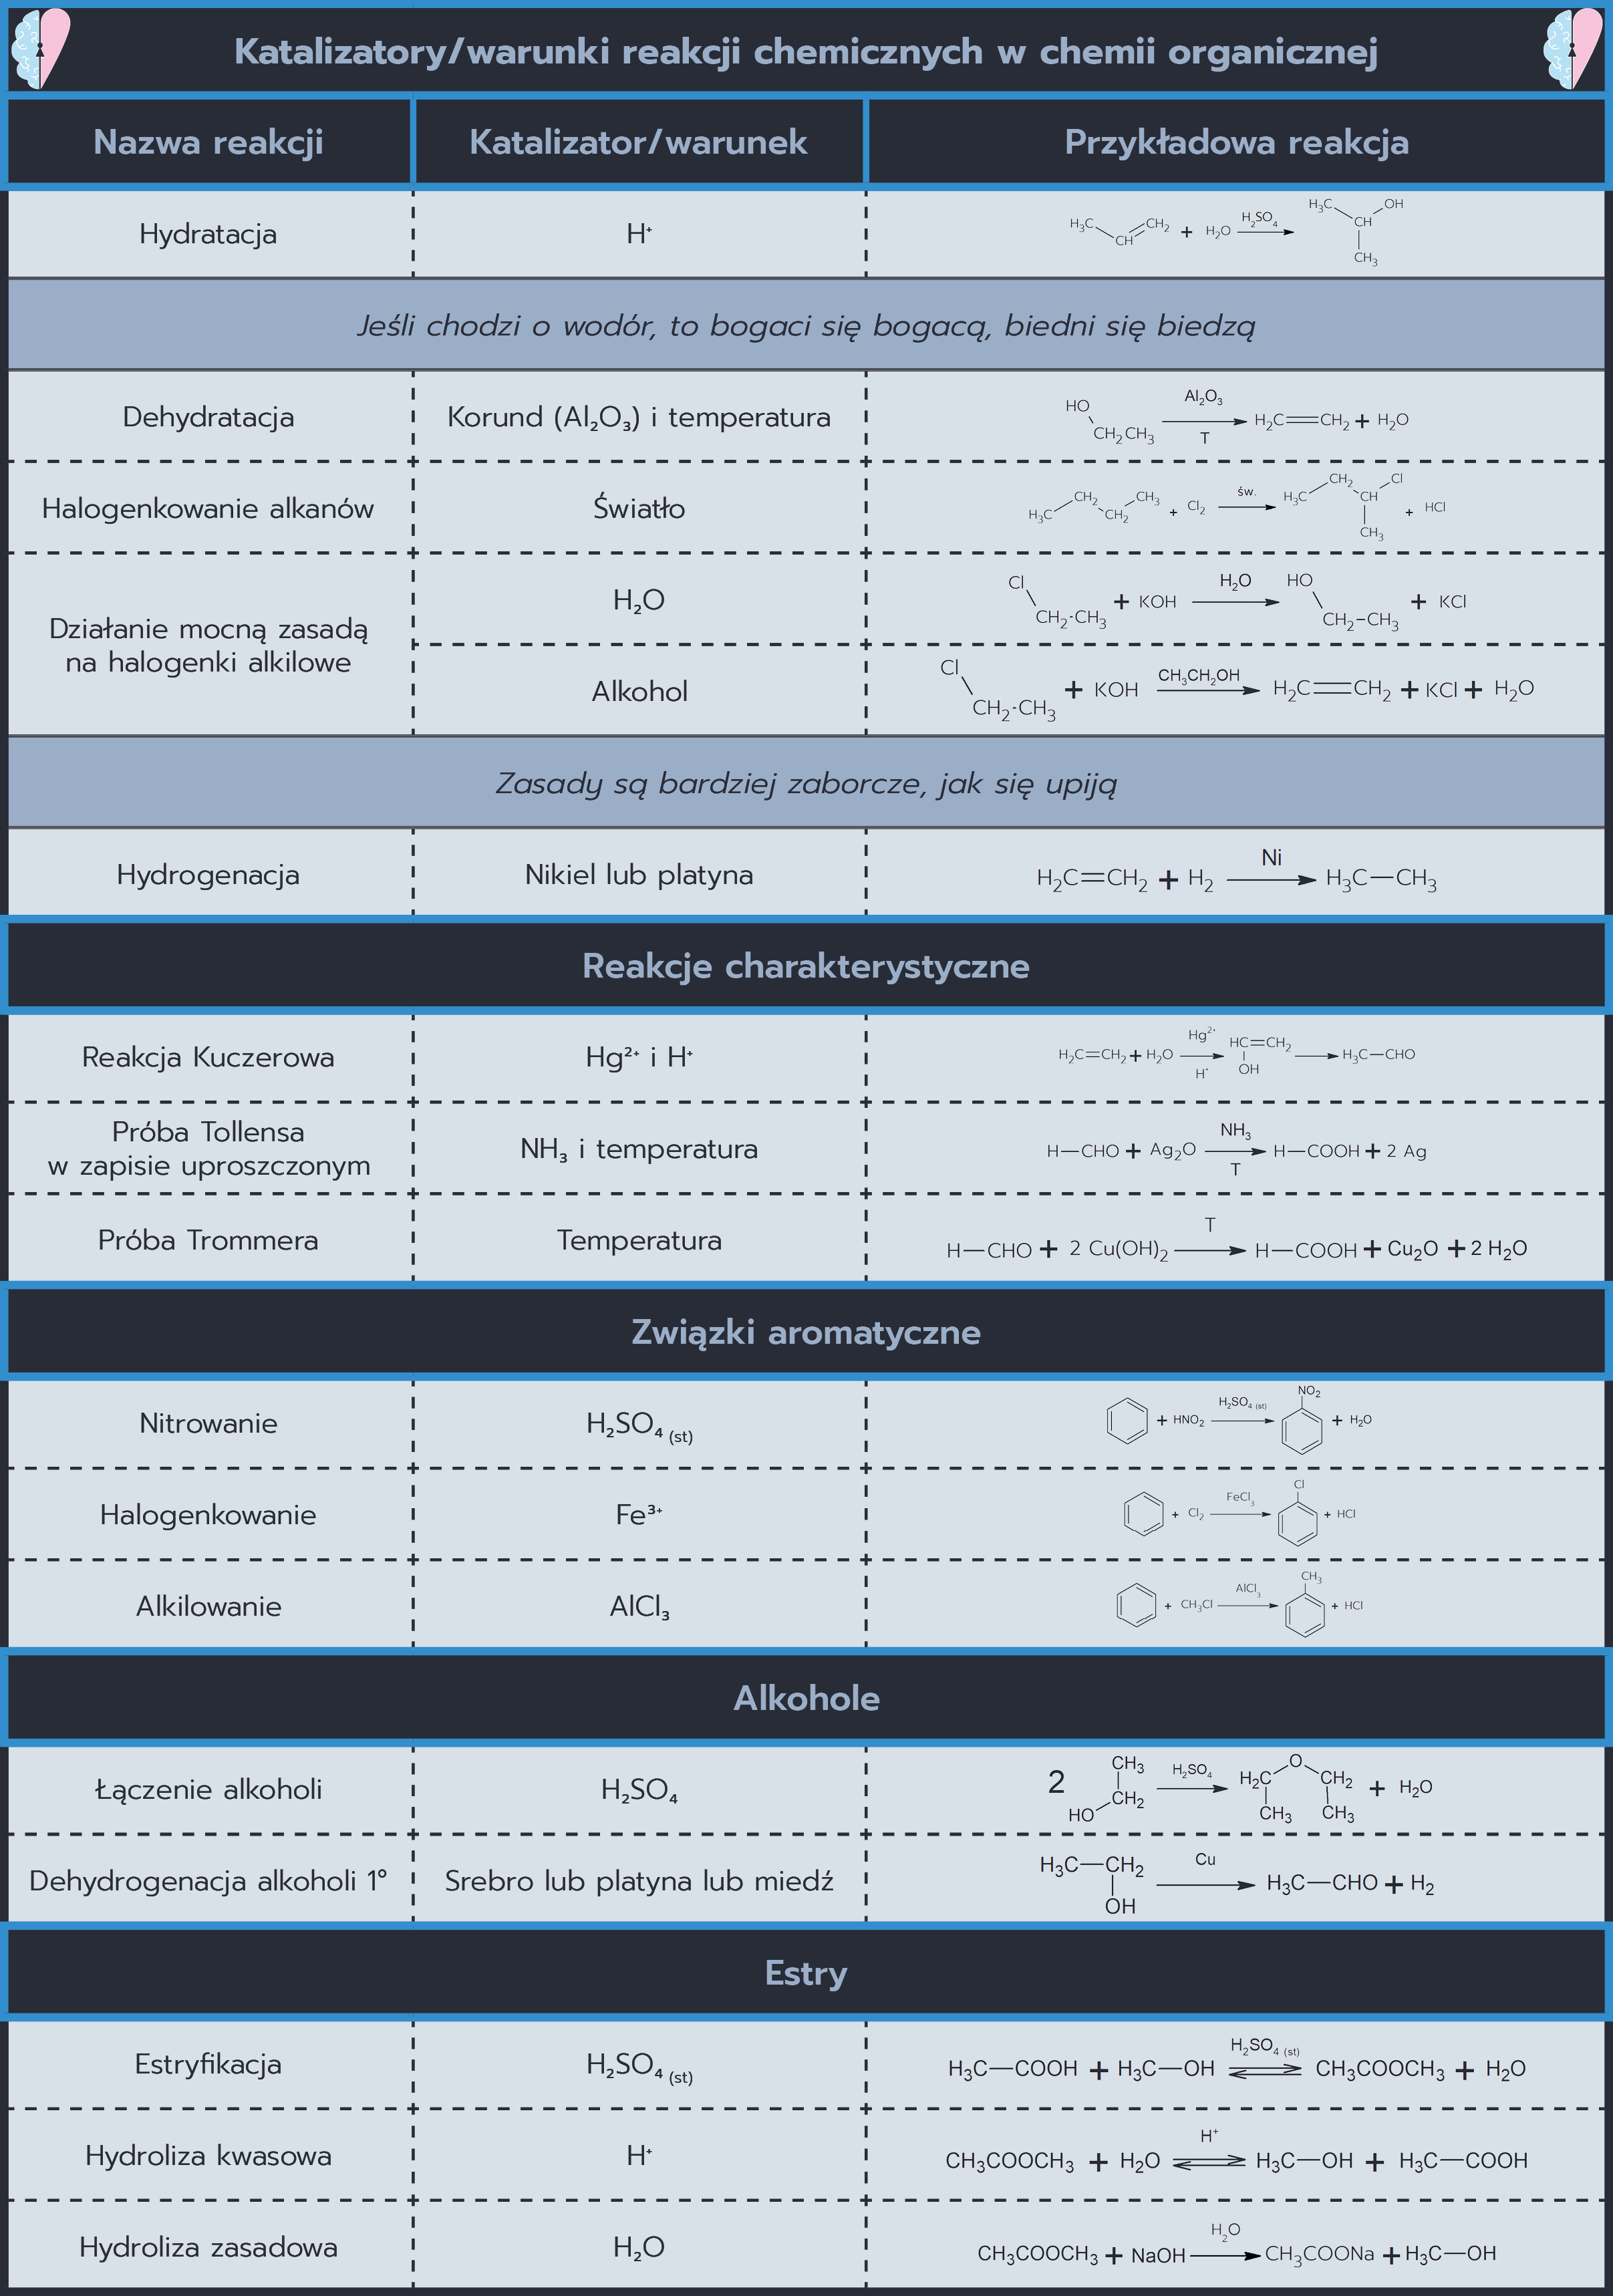 Tabela katalizatorów i warunków